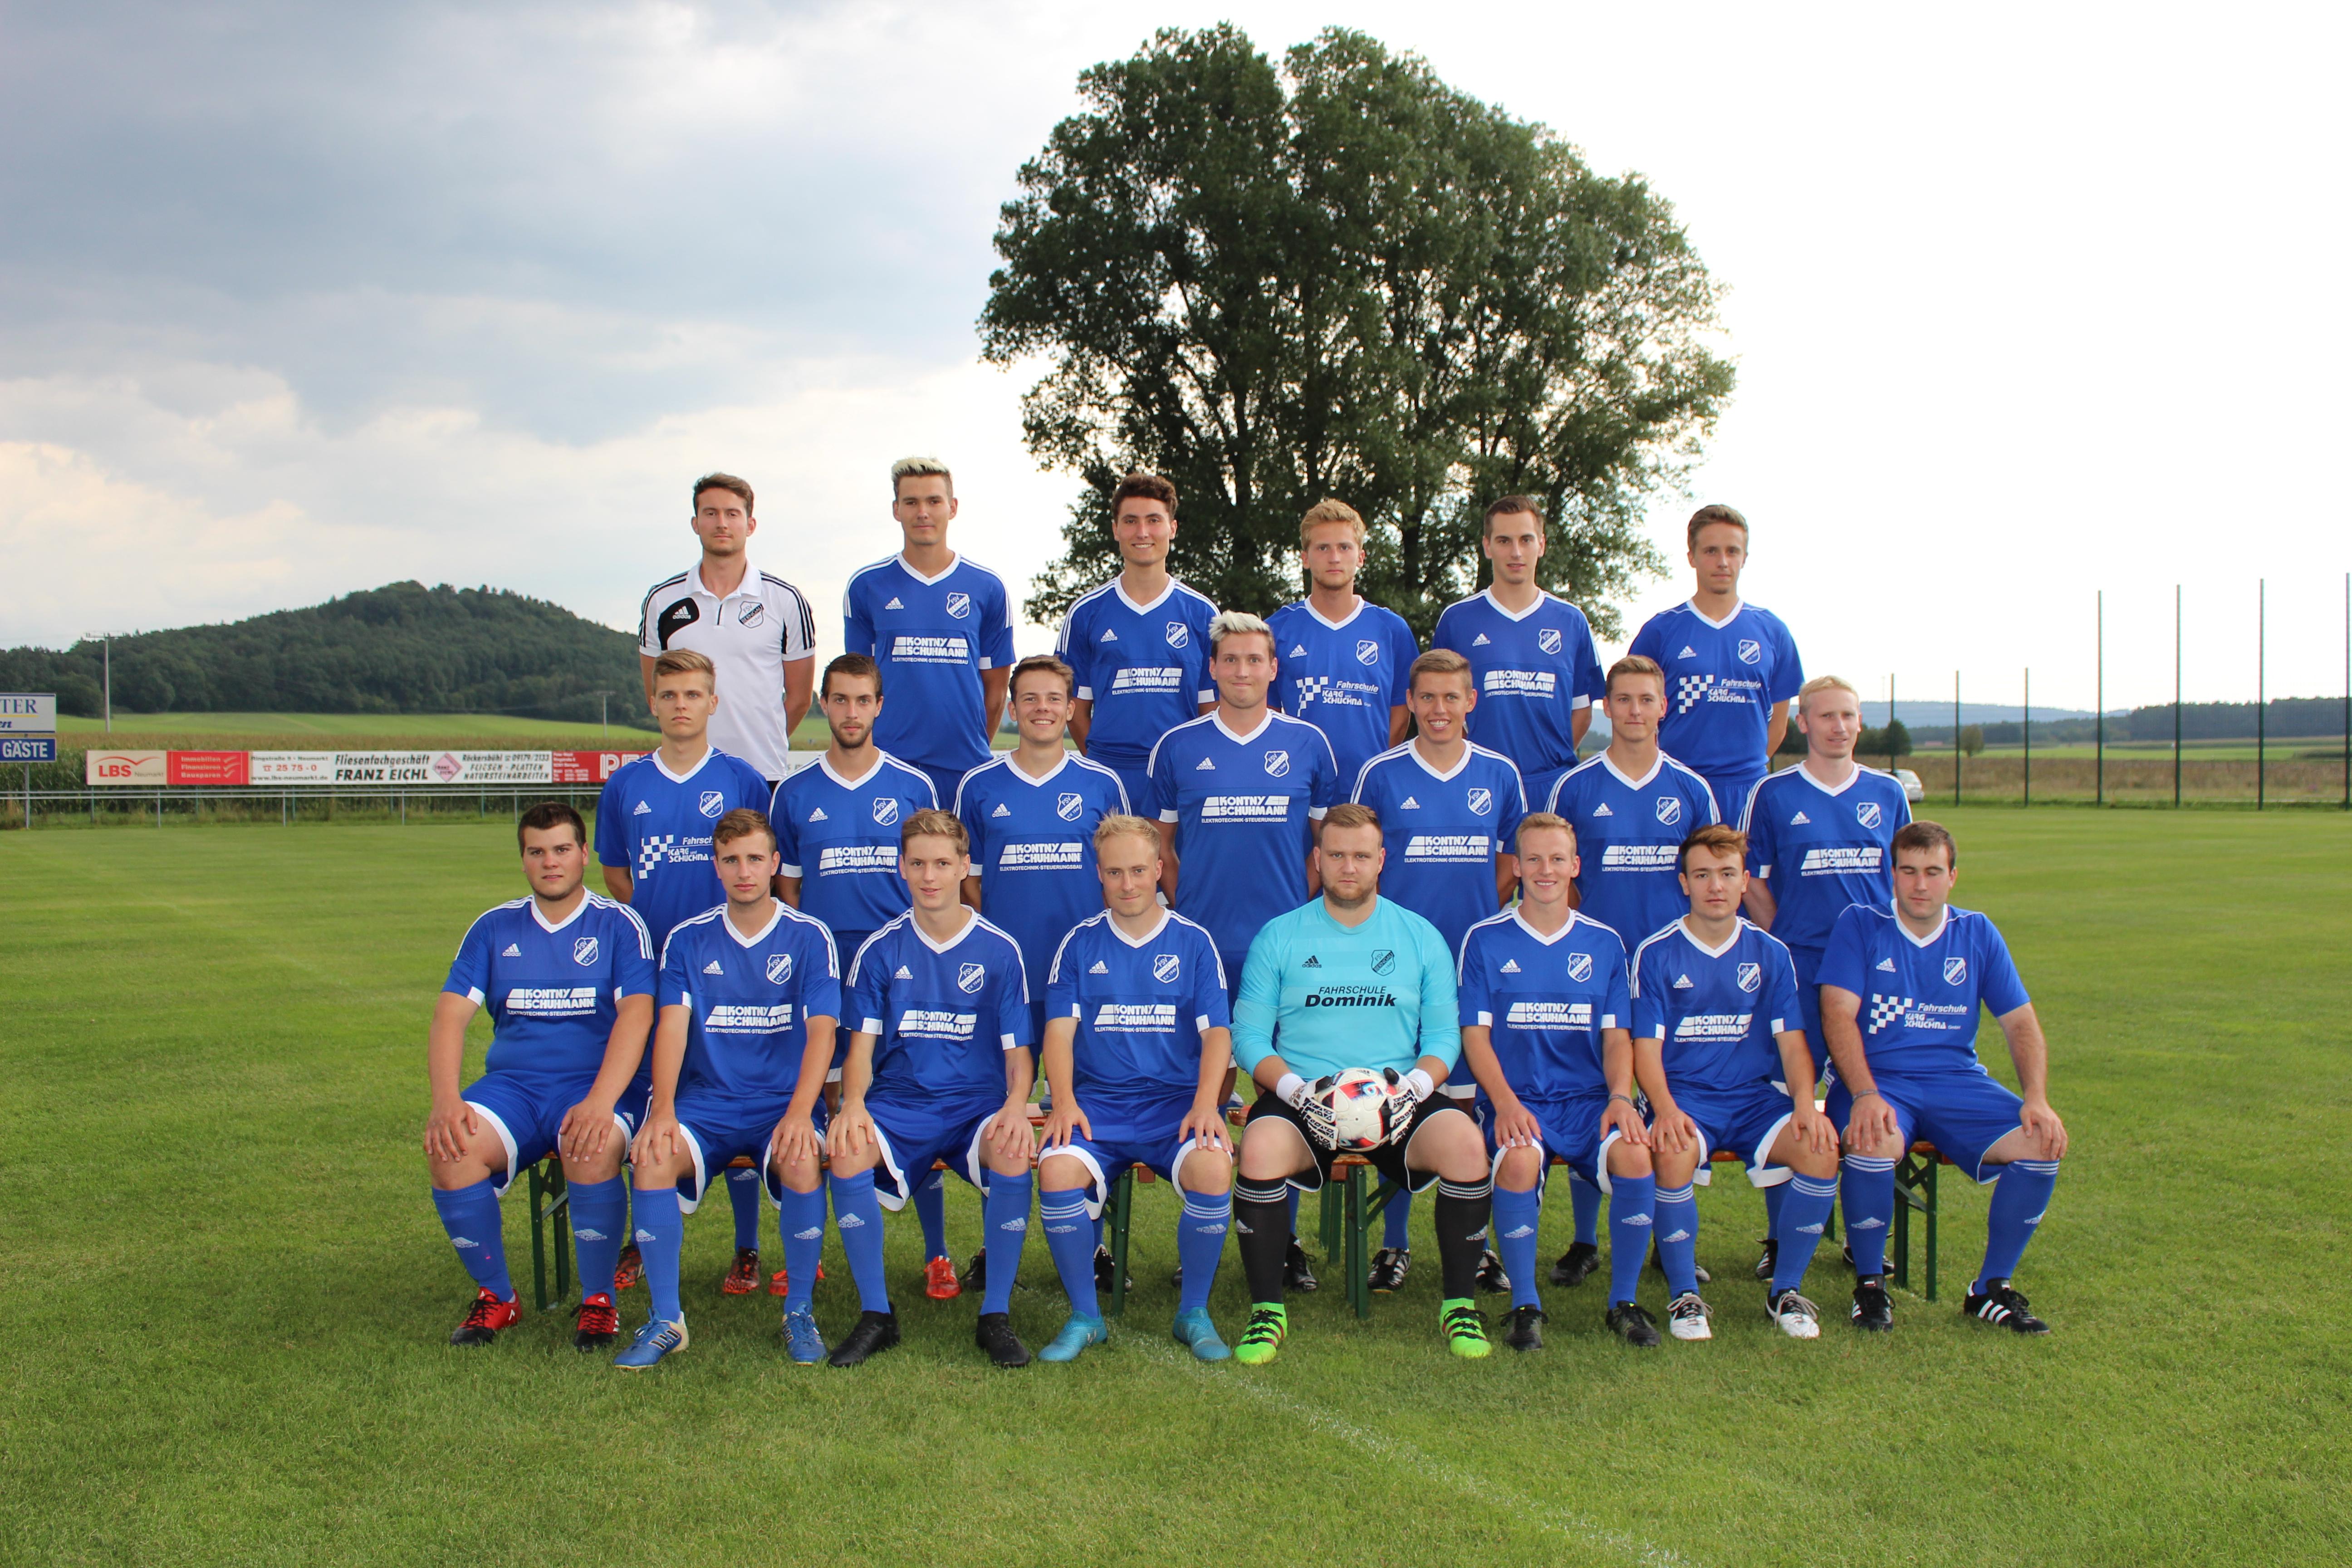 Bild 2. Mannschaft